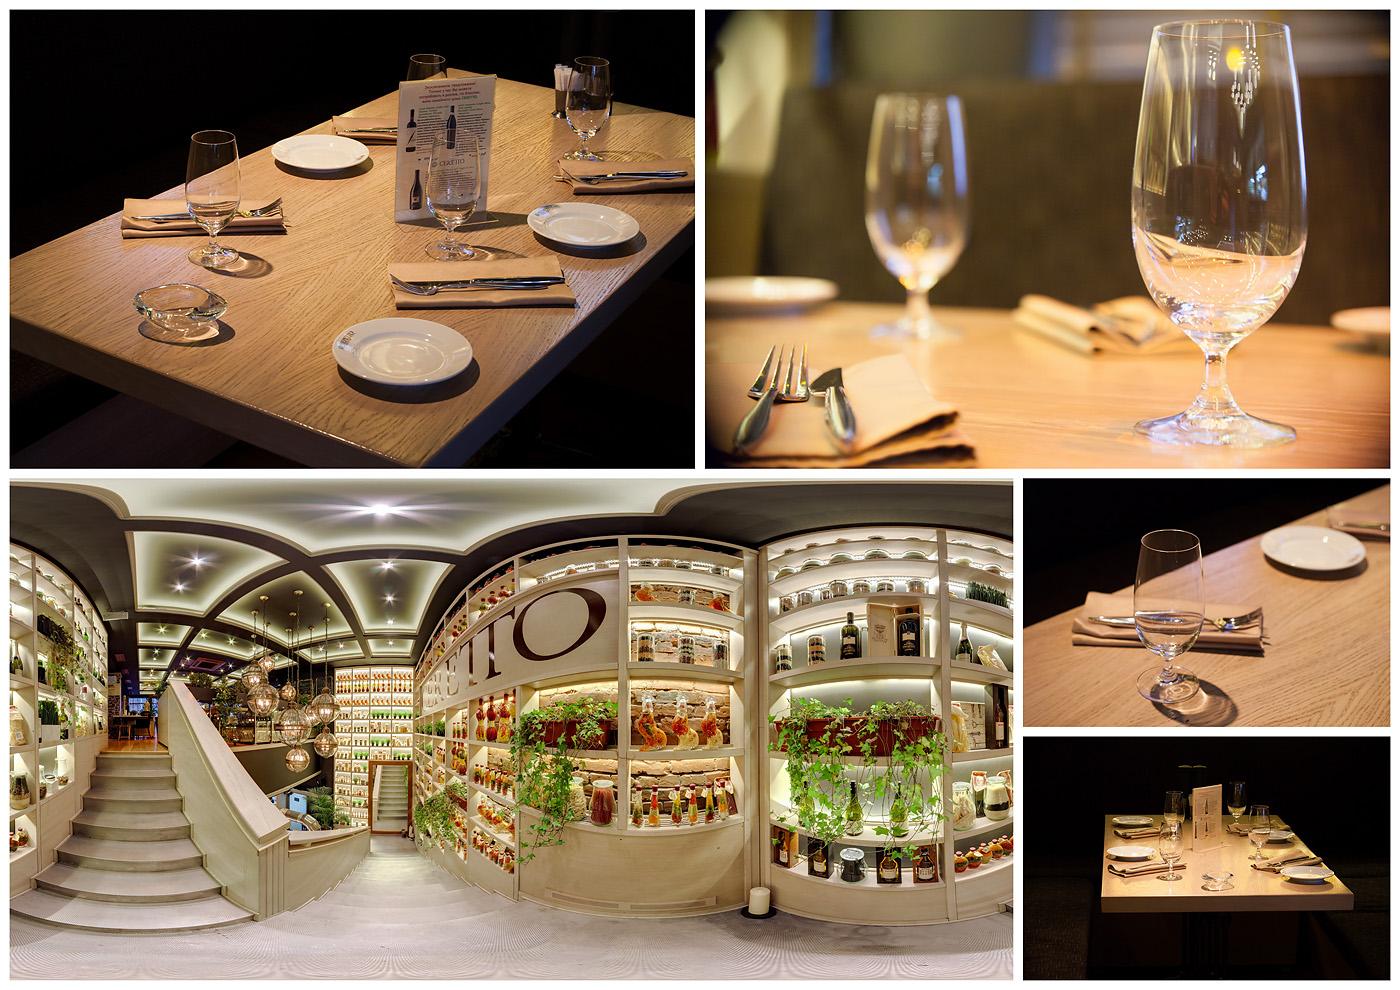 Панорамная, интерьерная съемка интерьеров ресторана Черетто, на Цветном Бульваре